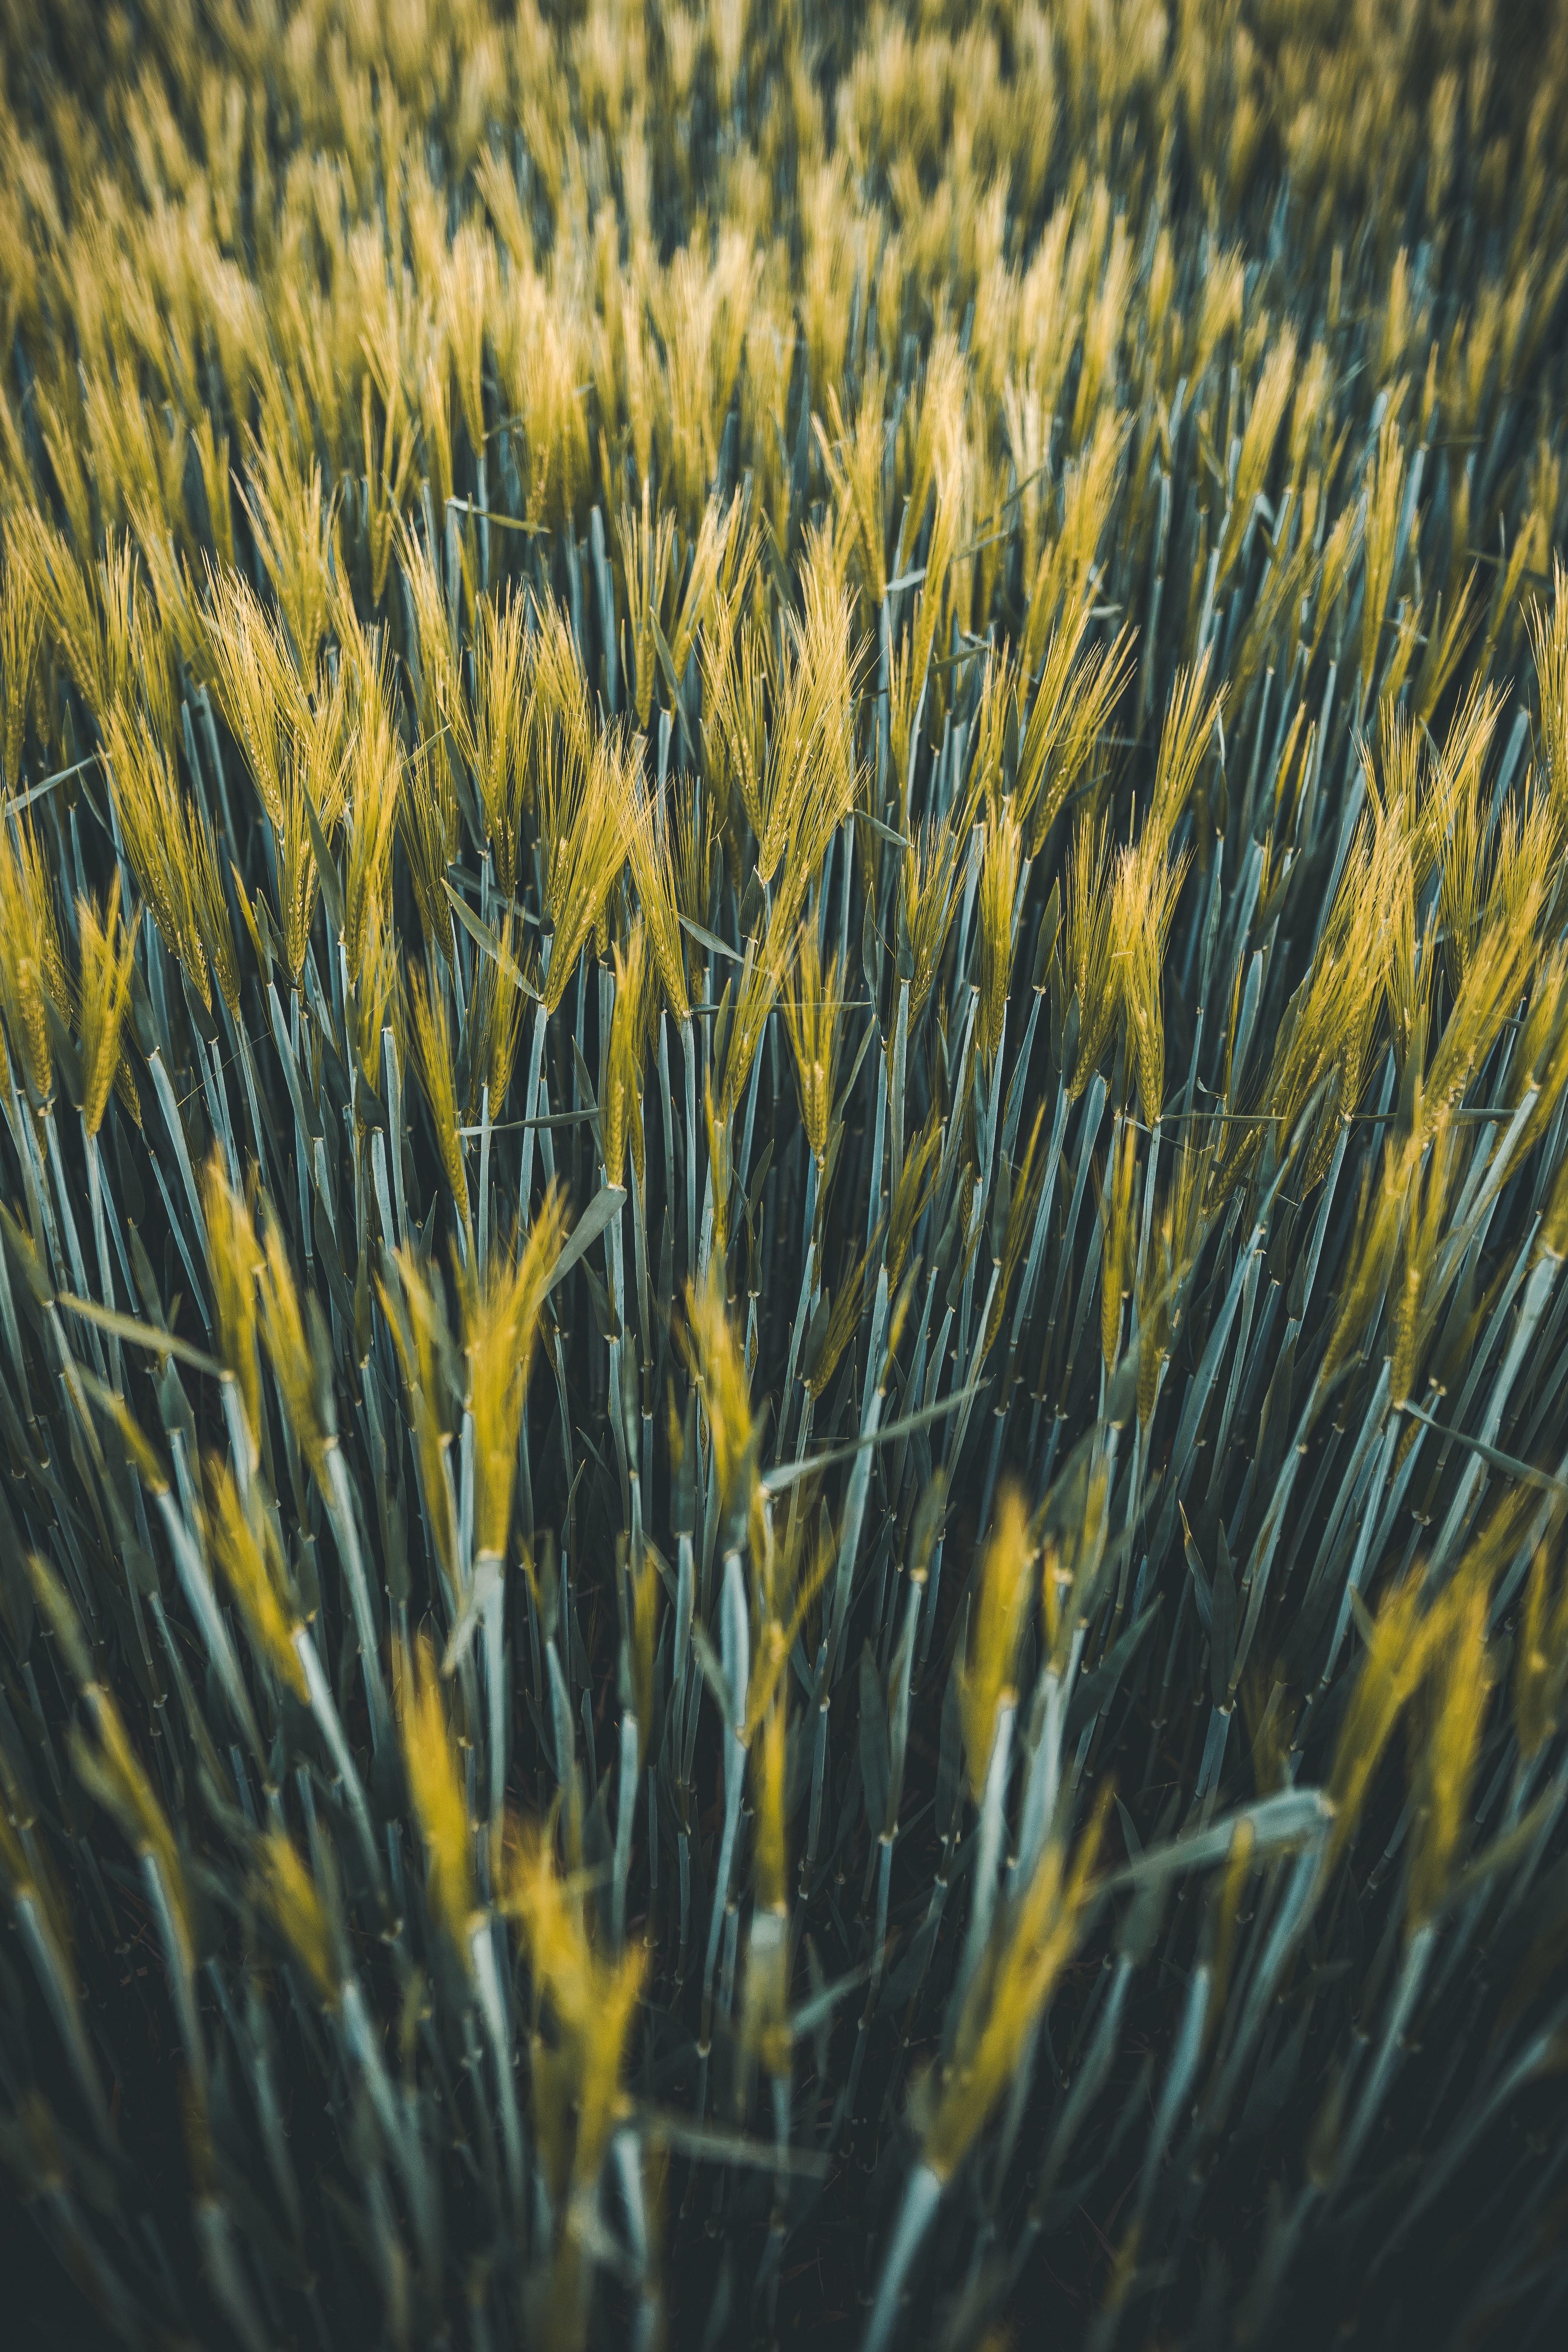 145700 скачать обои Природа, Колосья, Поле, Растения, Пшеница - заставки и картинки бесплатно